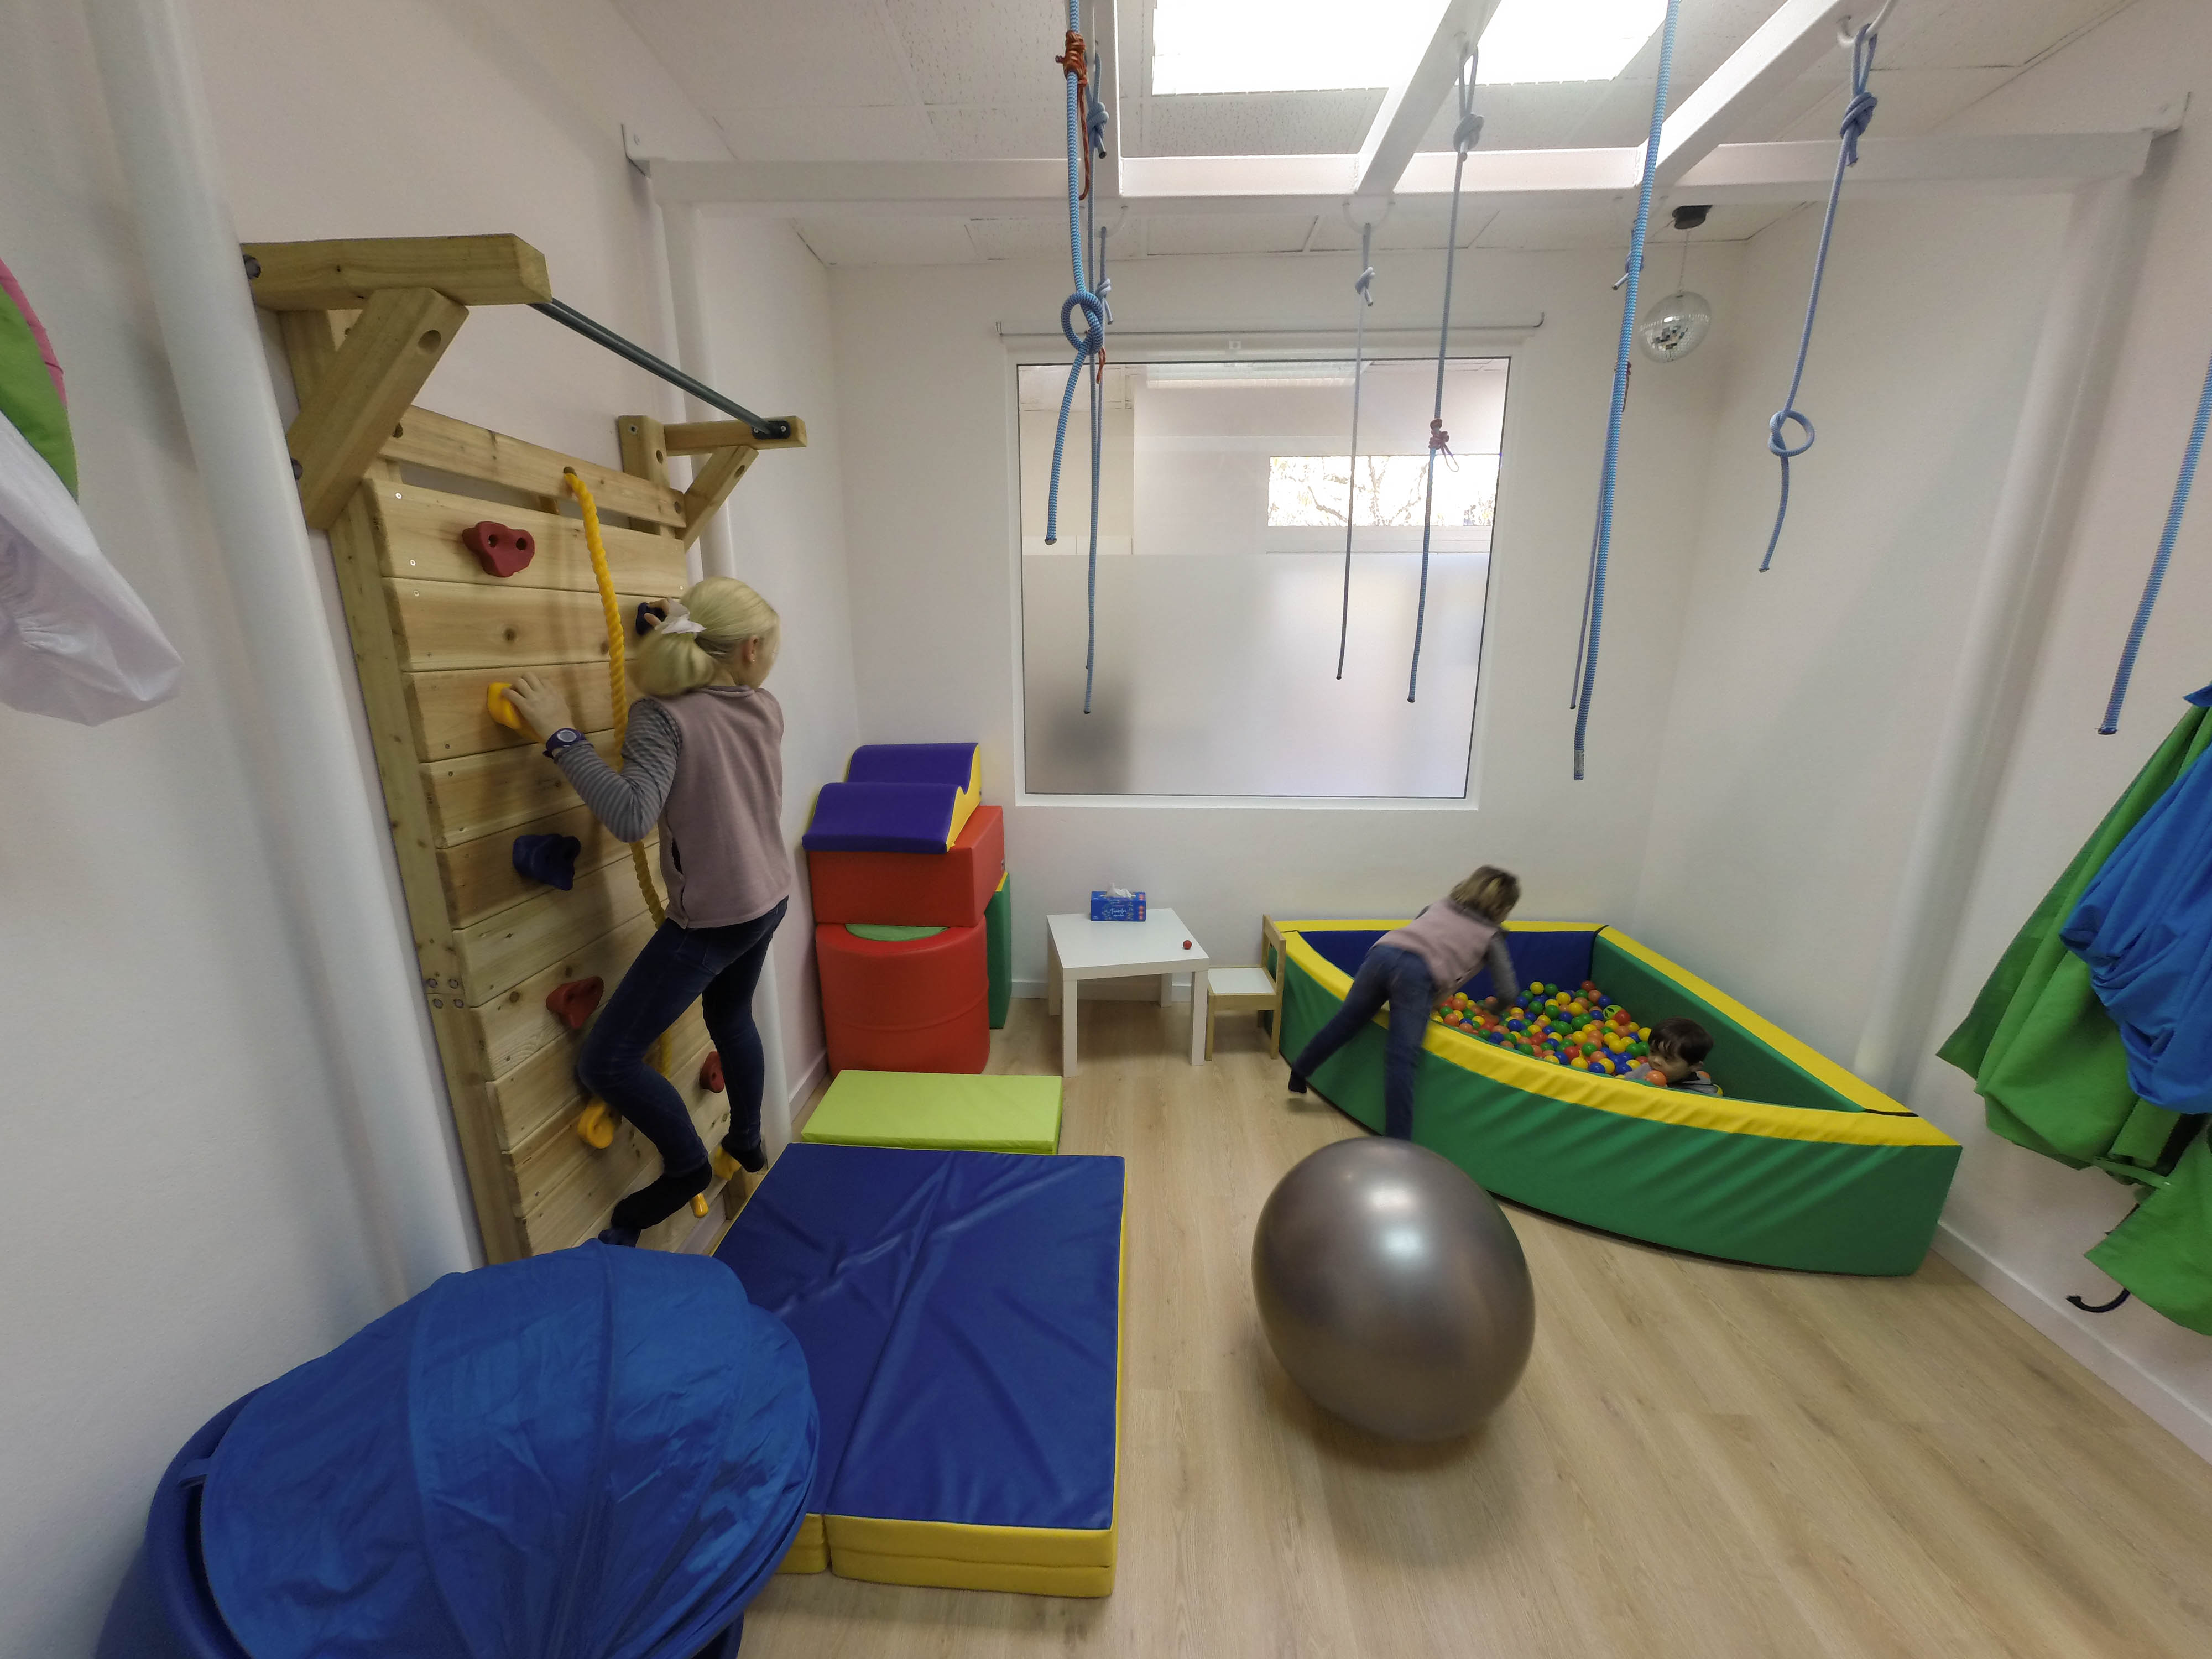 Sala del Centro de Integración Sensorial en Valencia, vemos a una niña subida en un rocódromo, una piscina con bolas, colchonetas,una pelota gigante y una red de lianas de las que colgarse